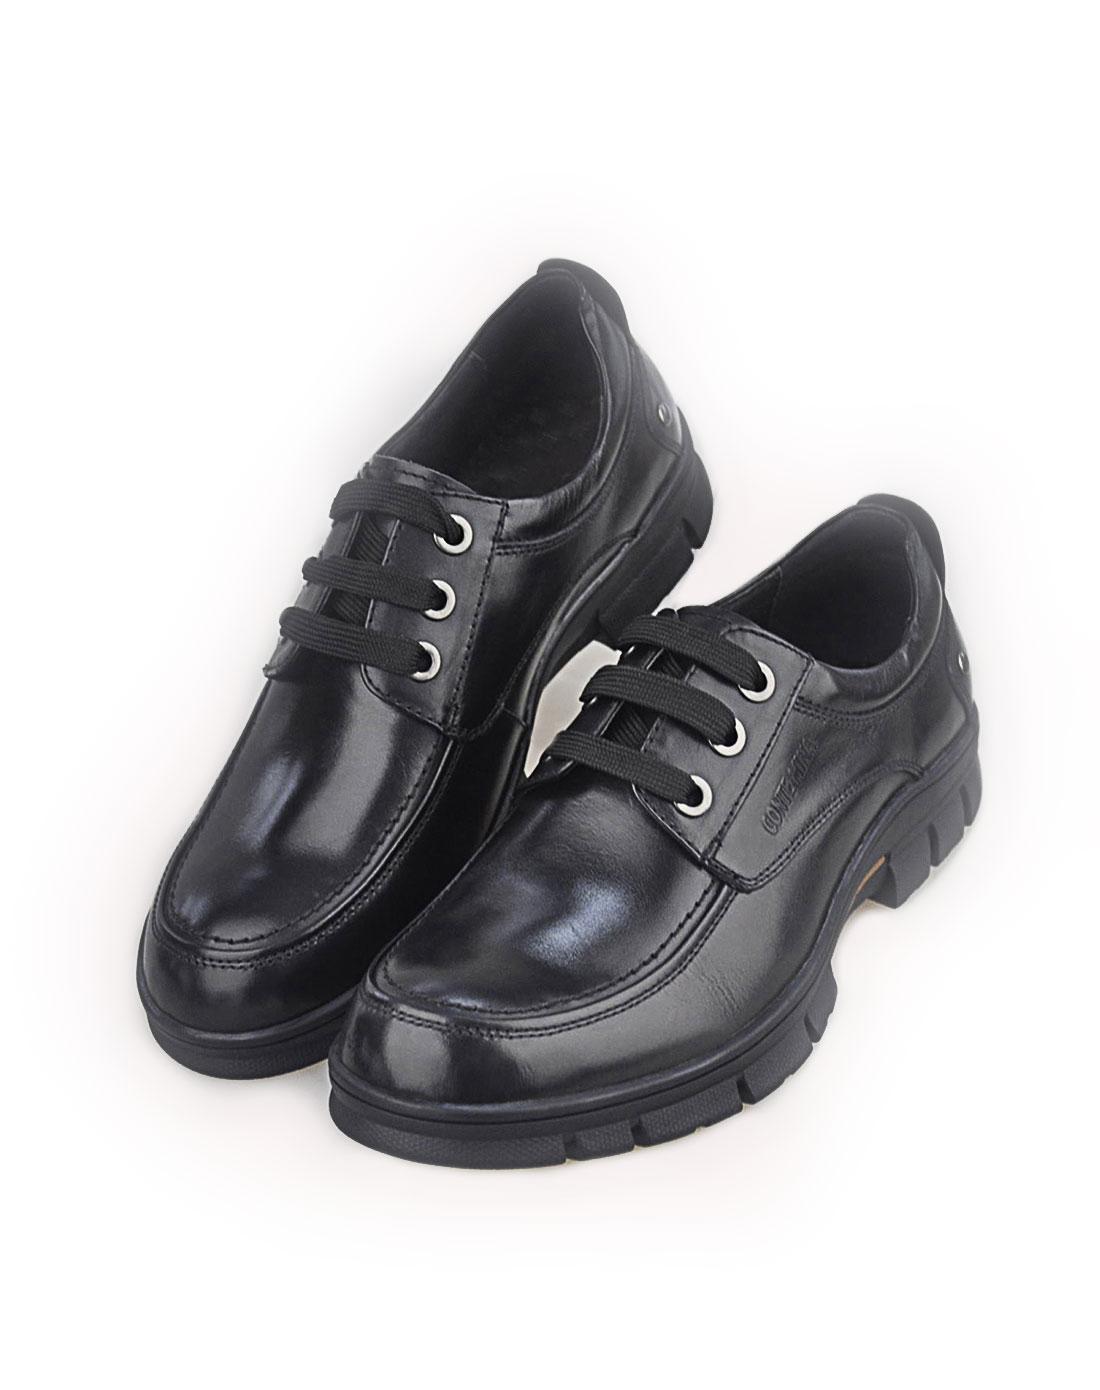 mina黑色男鞋